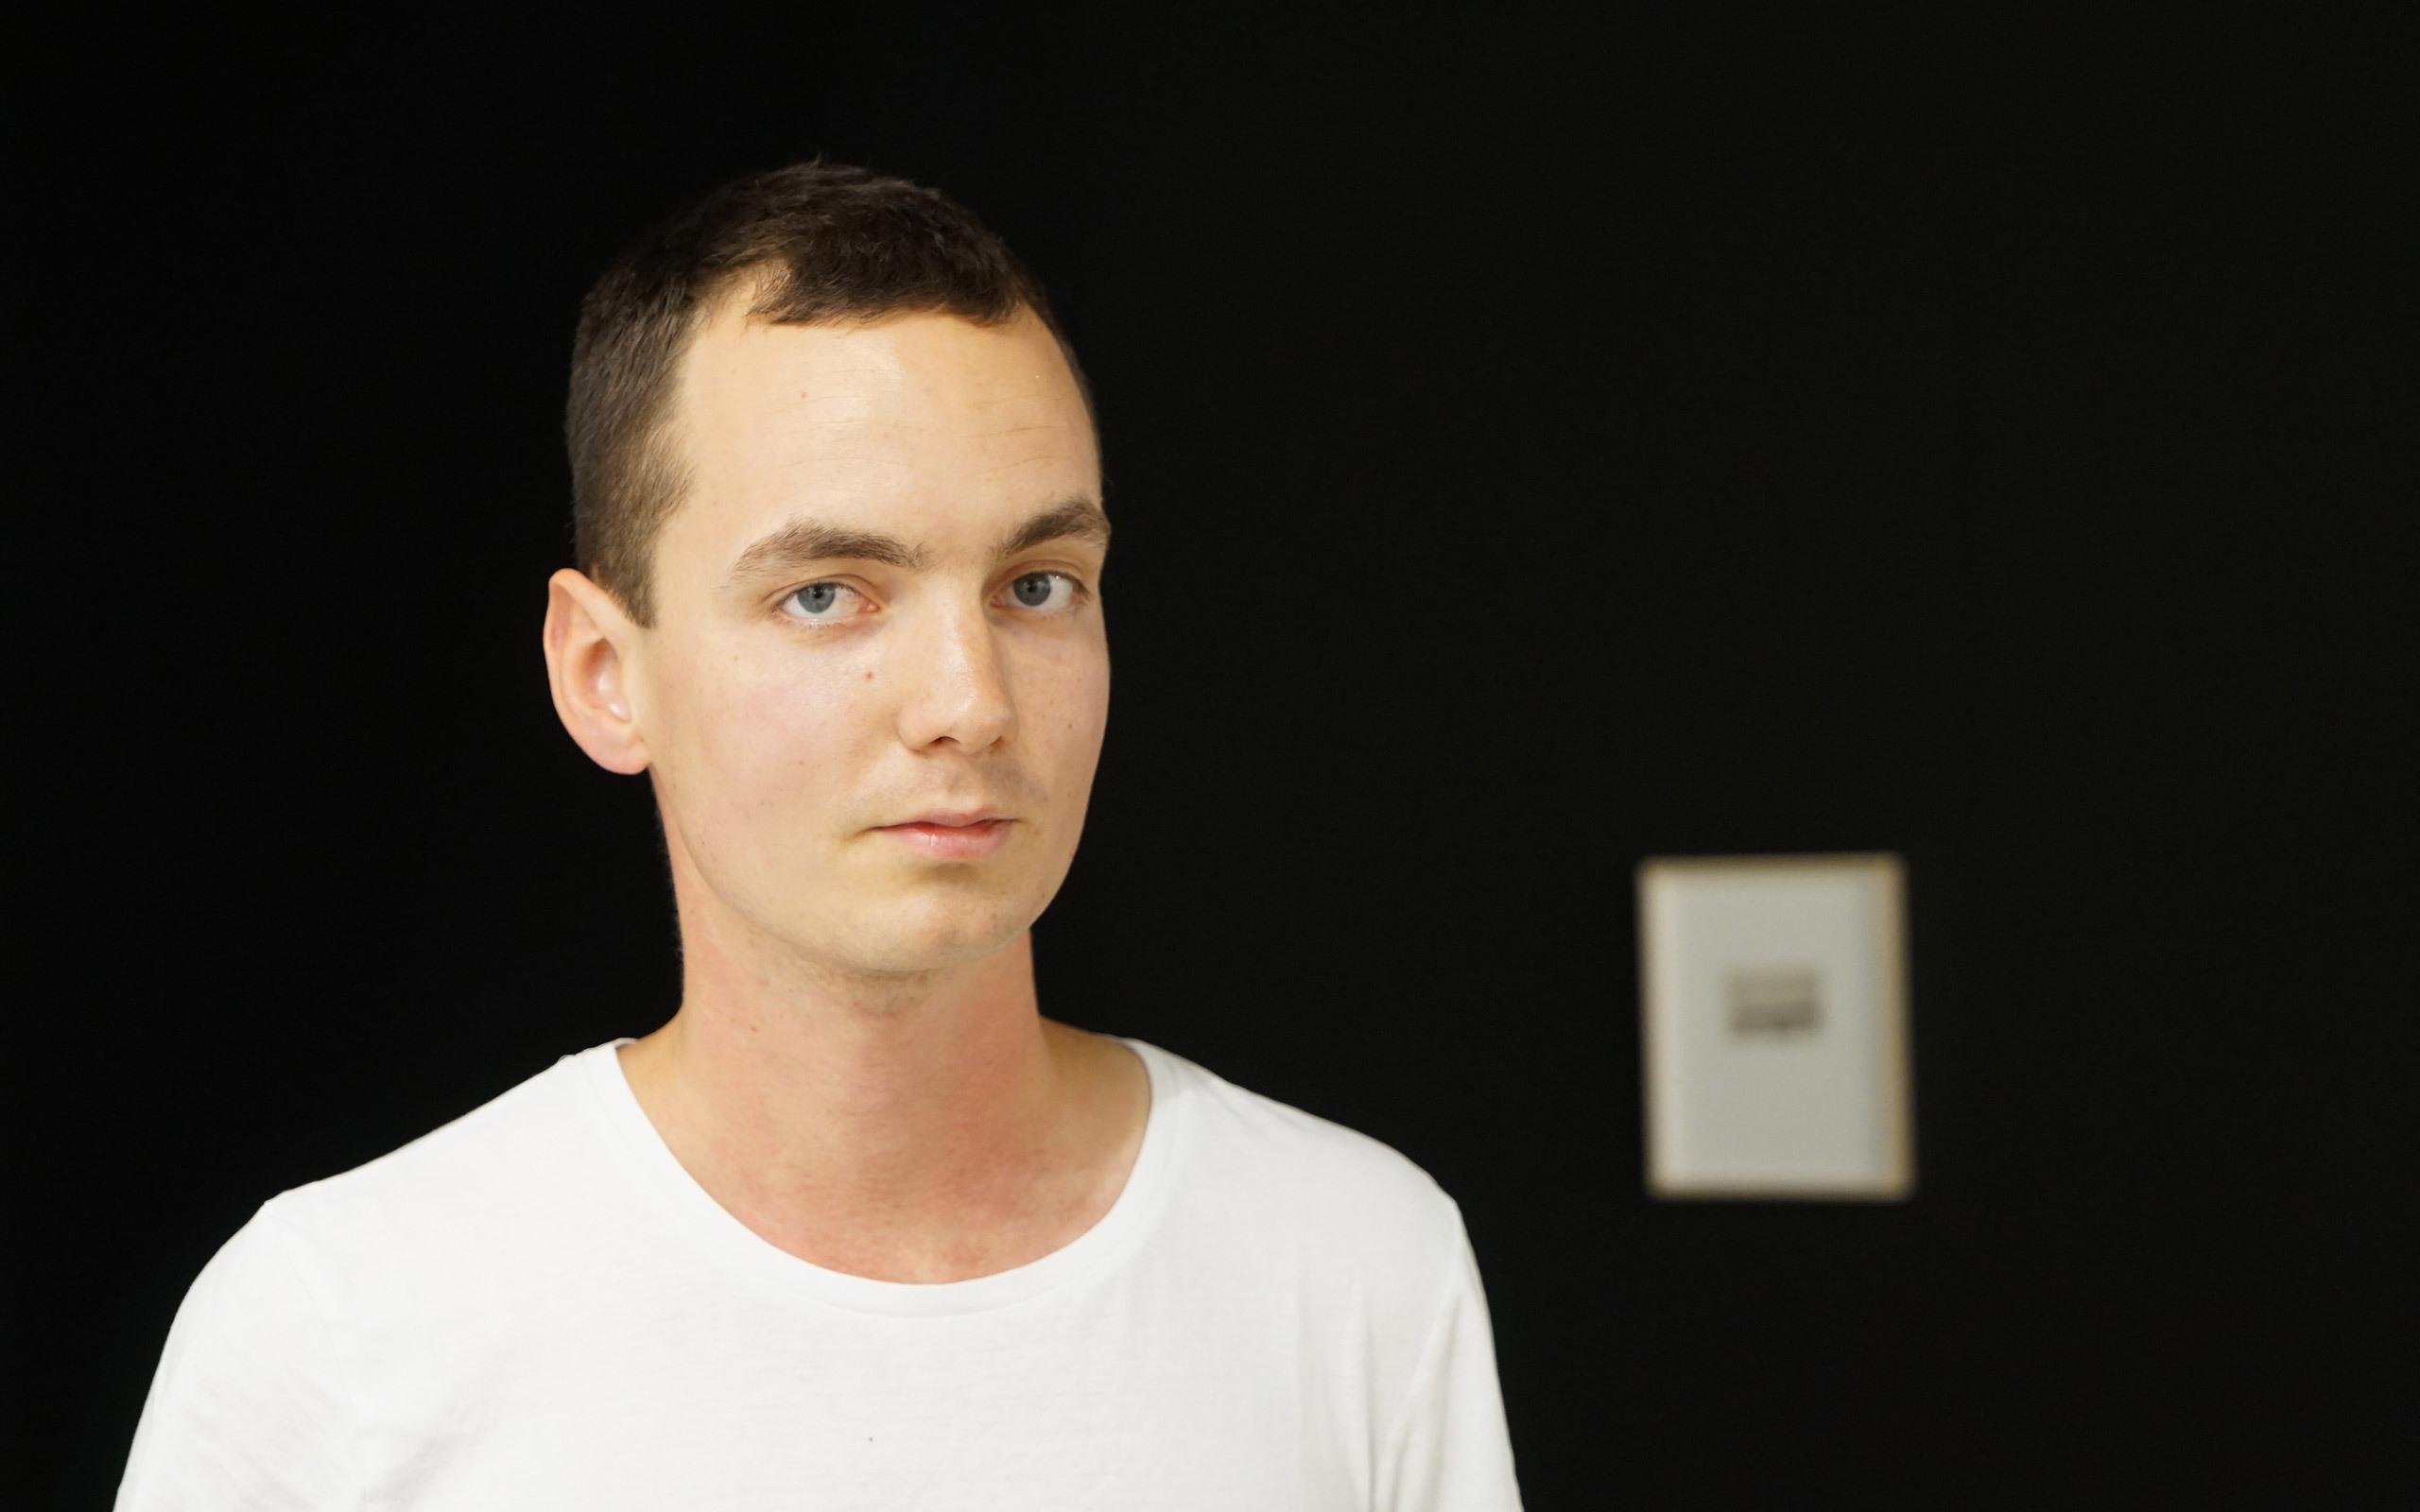 05 John Skoog, Swedish artist and Baloise Art Prize winner